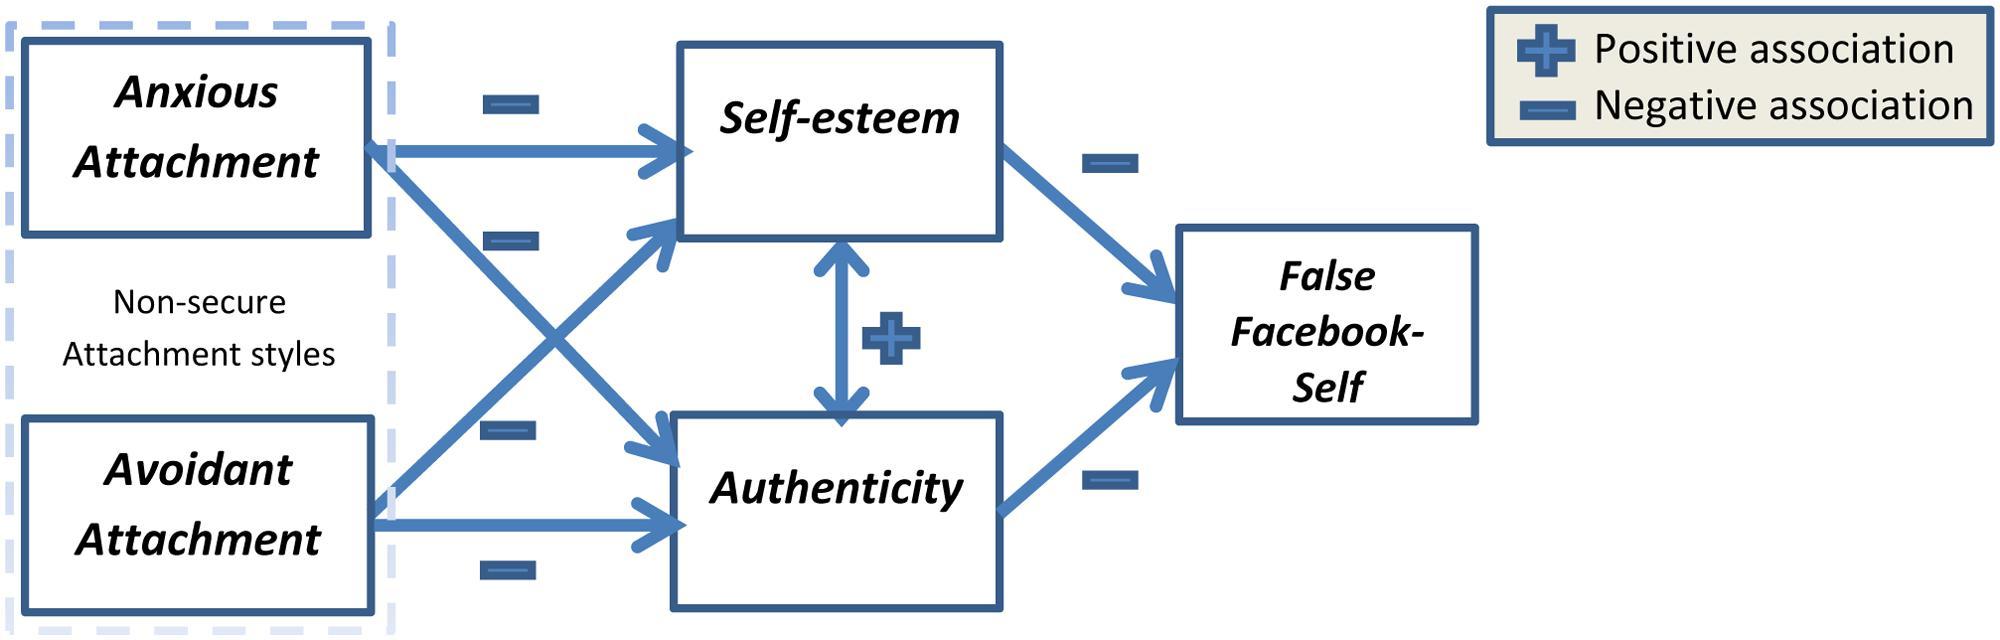 speech on facebook addiction